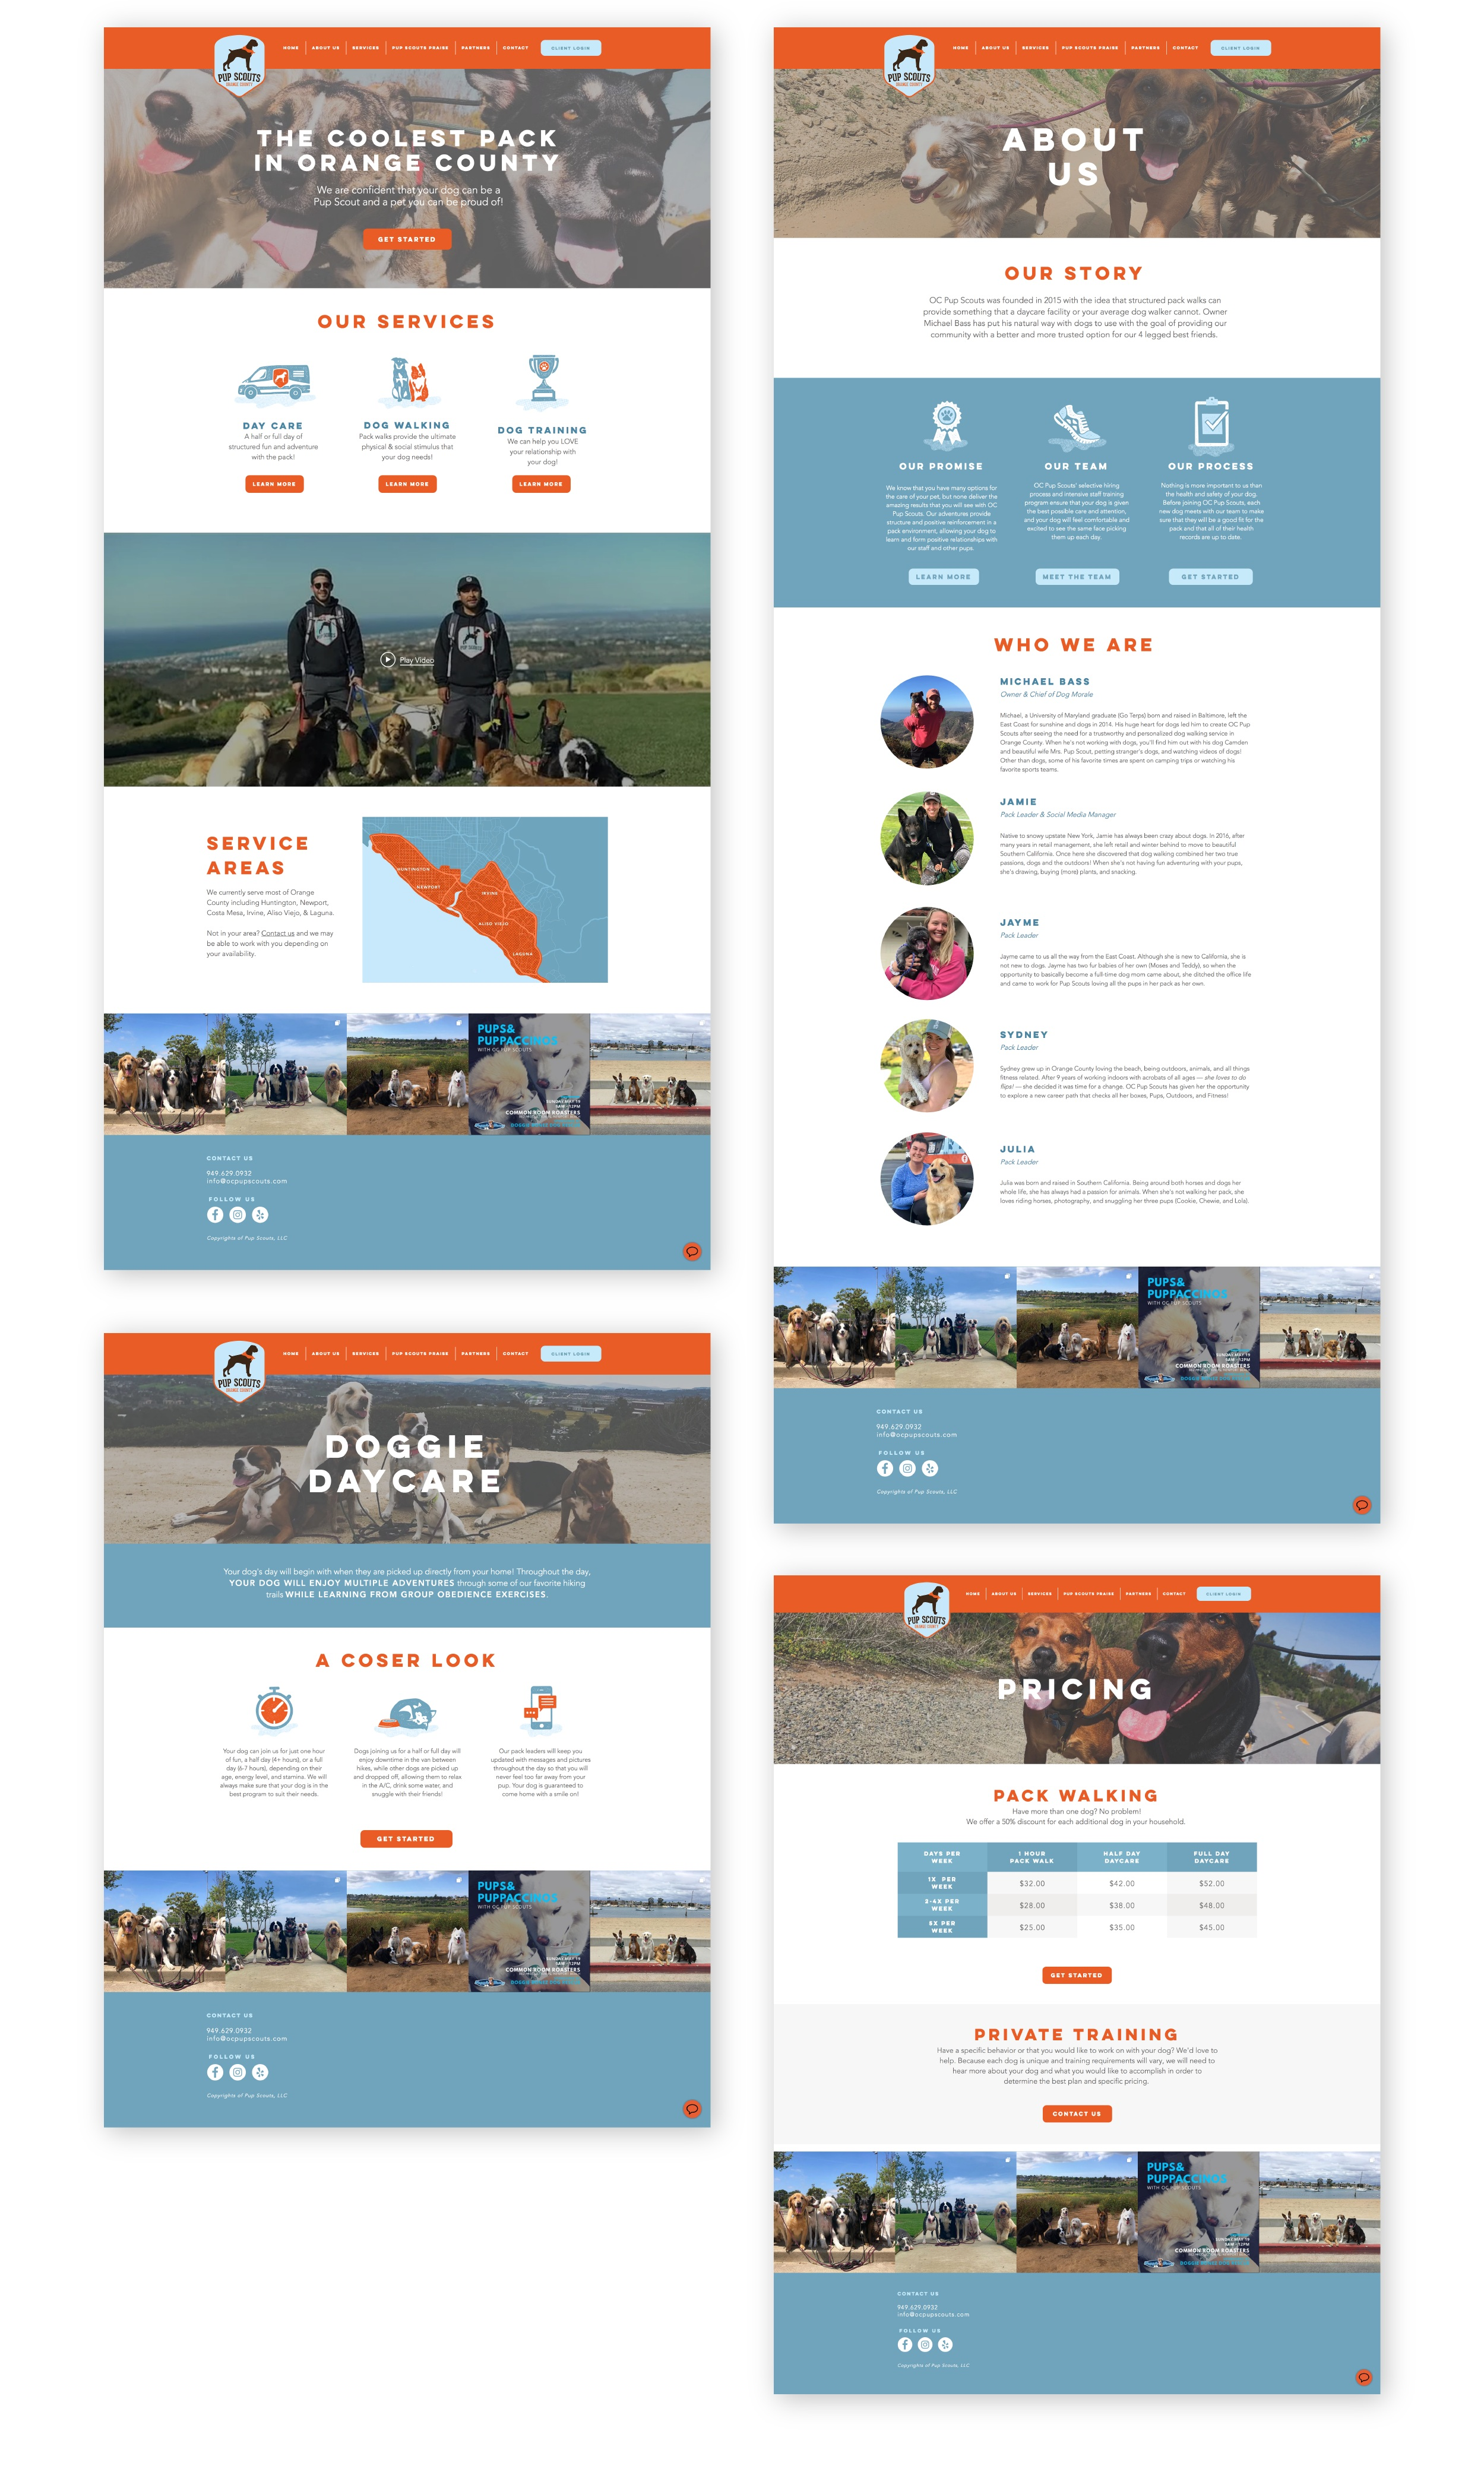 ocps-website-redesign.png